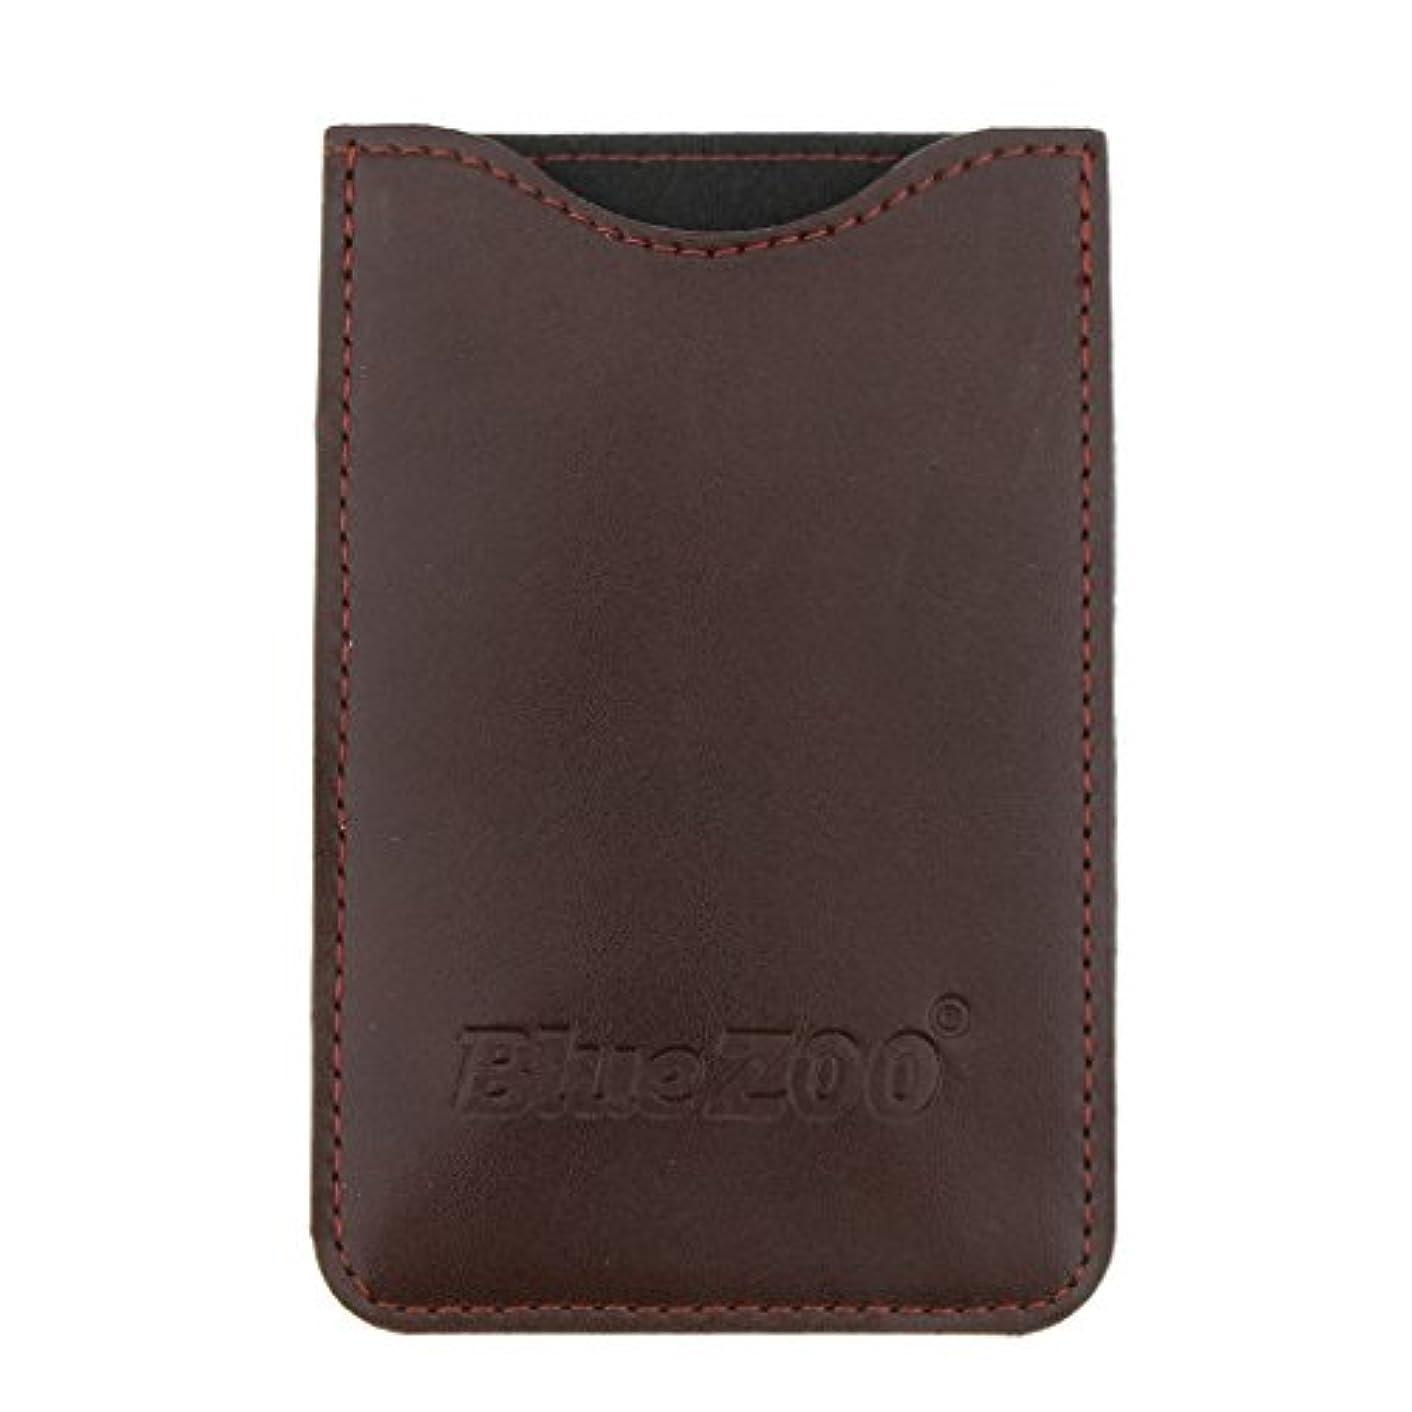 過度にほこりっぽいペルソナ木製のポケットヒゲの櫛の保護収納ポーチ、小さな櫛PUレザーケース - 褐色